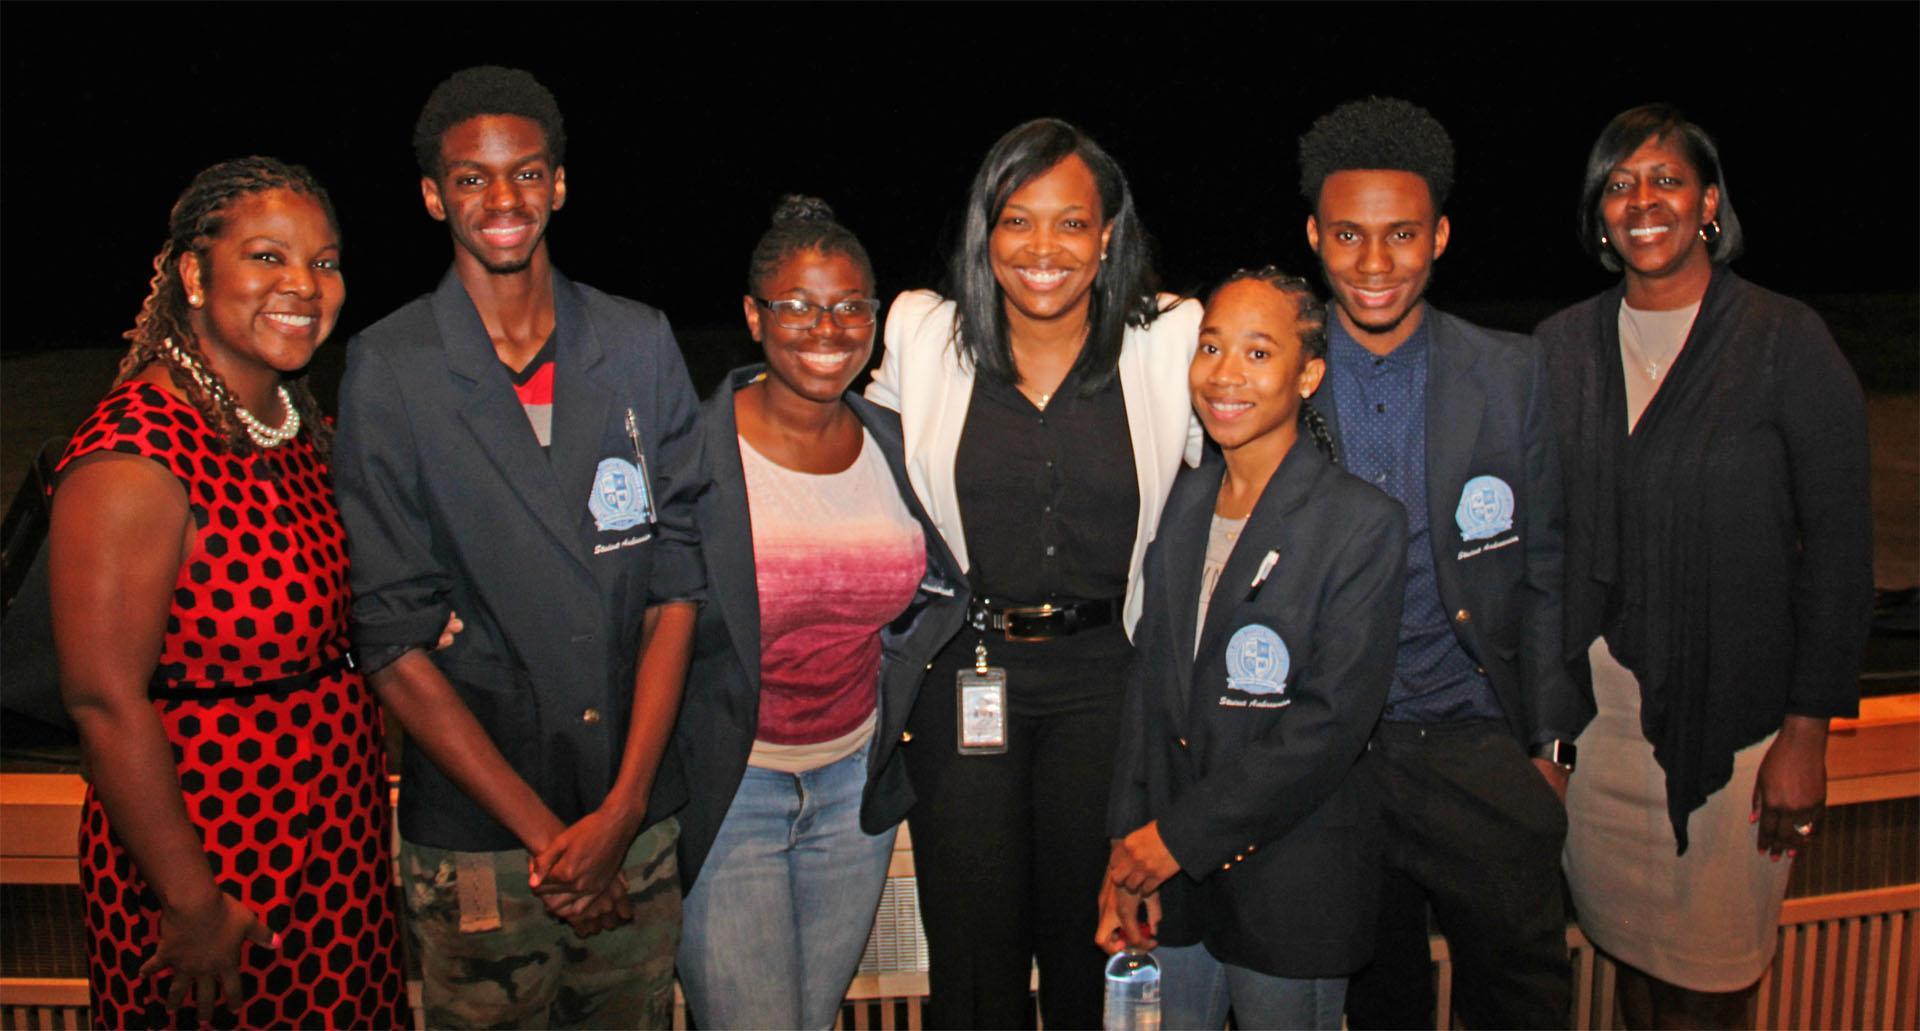 Photo of Principal Jackson, students and Dr. Jackson.